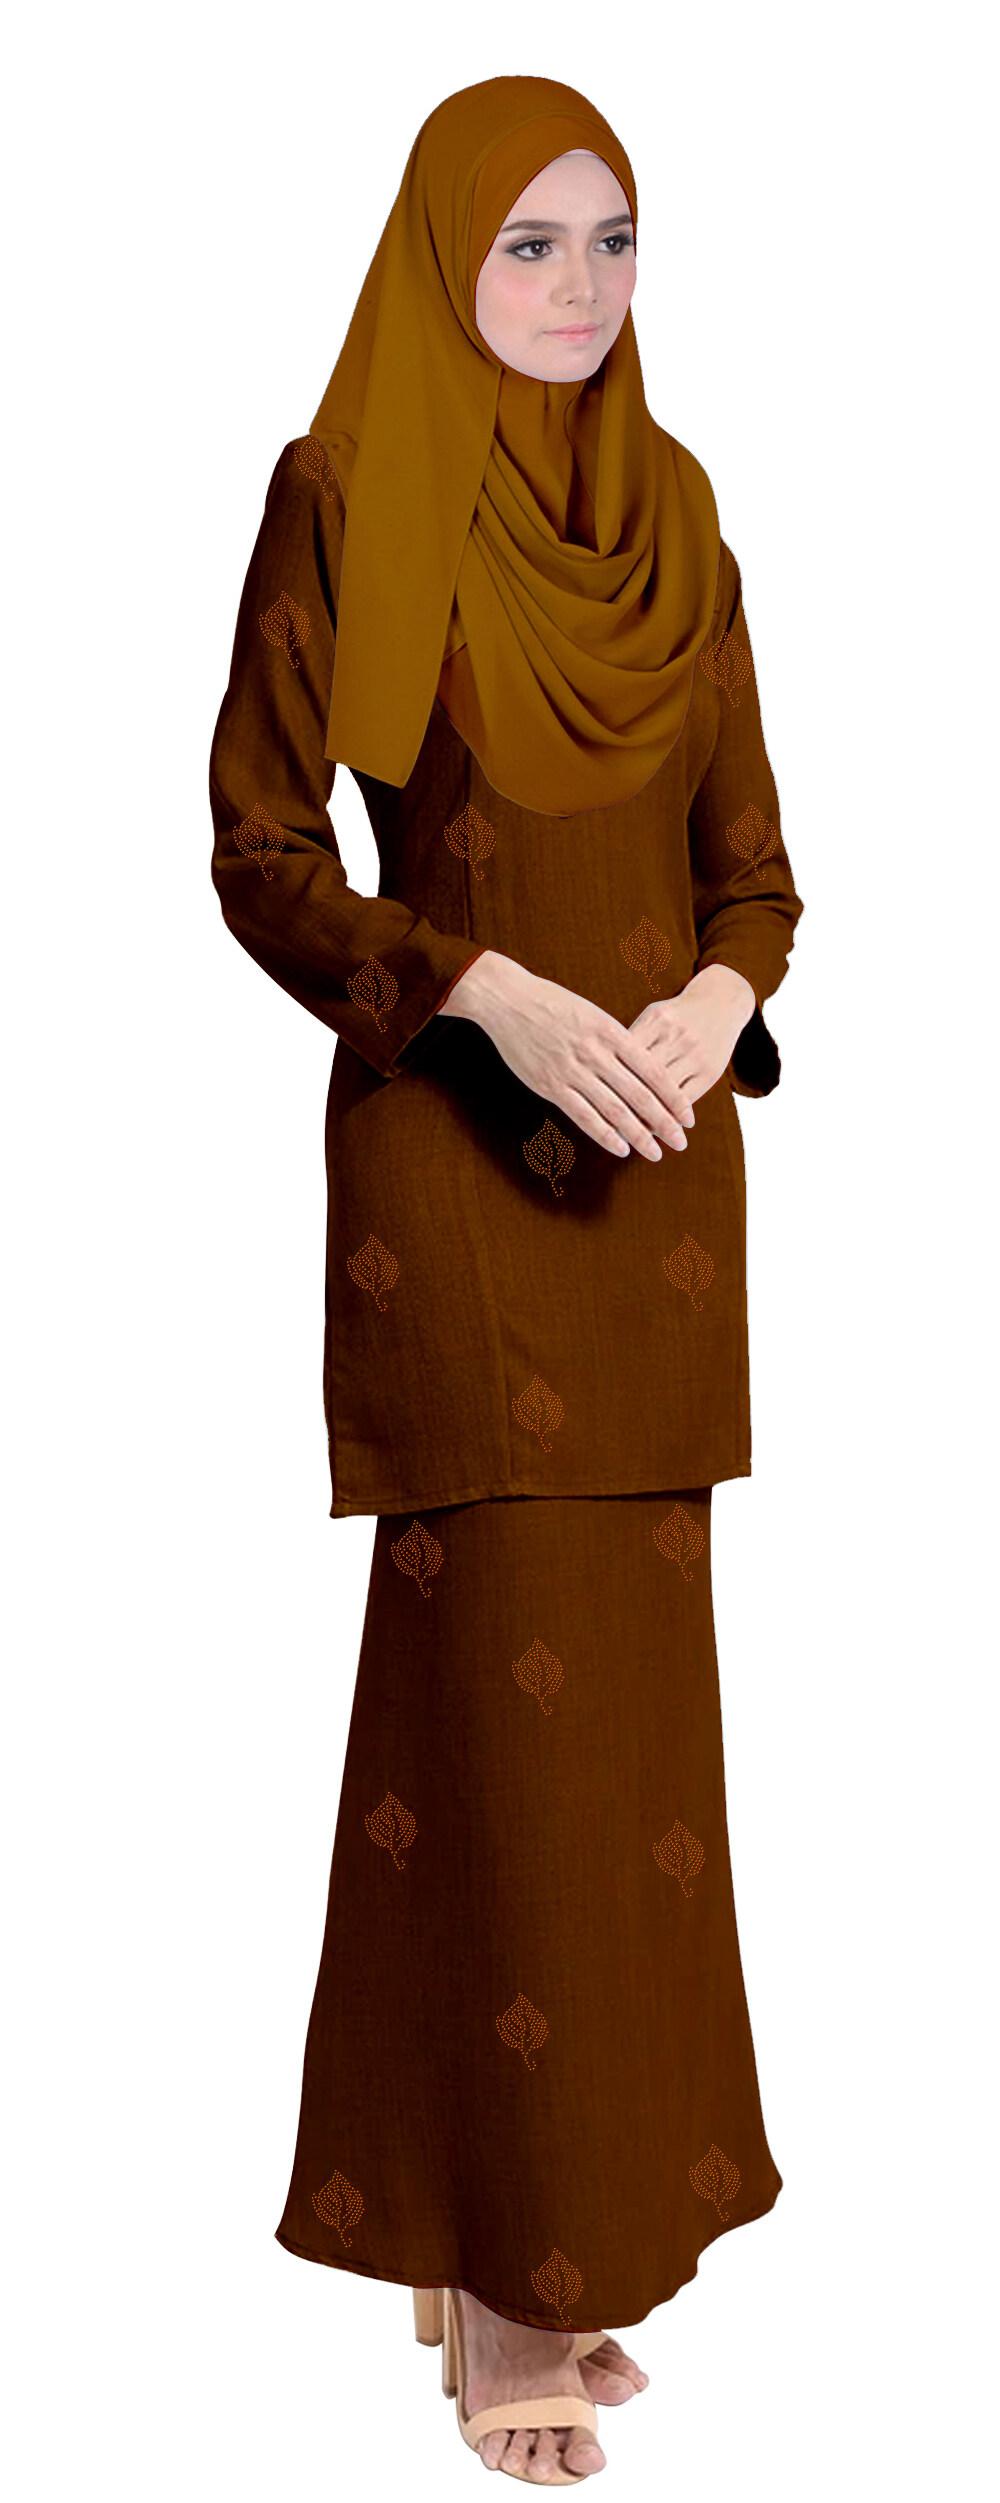 Fashion plain baju kurung for muslimah - Baju tahara